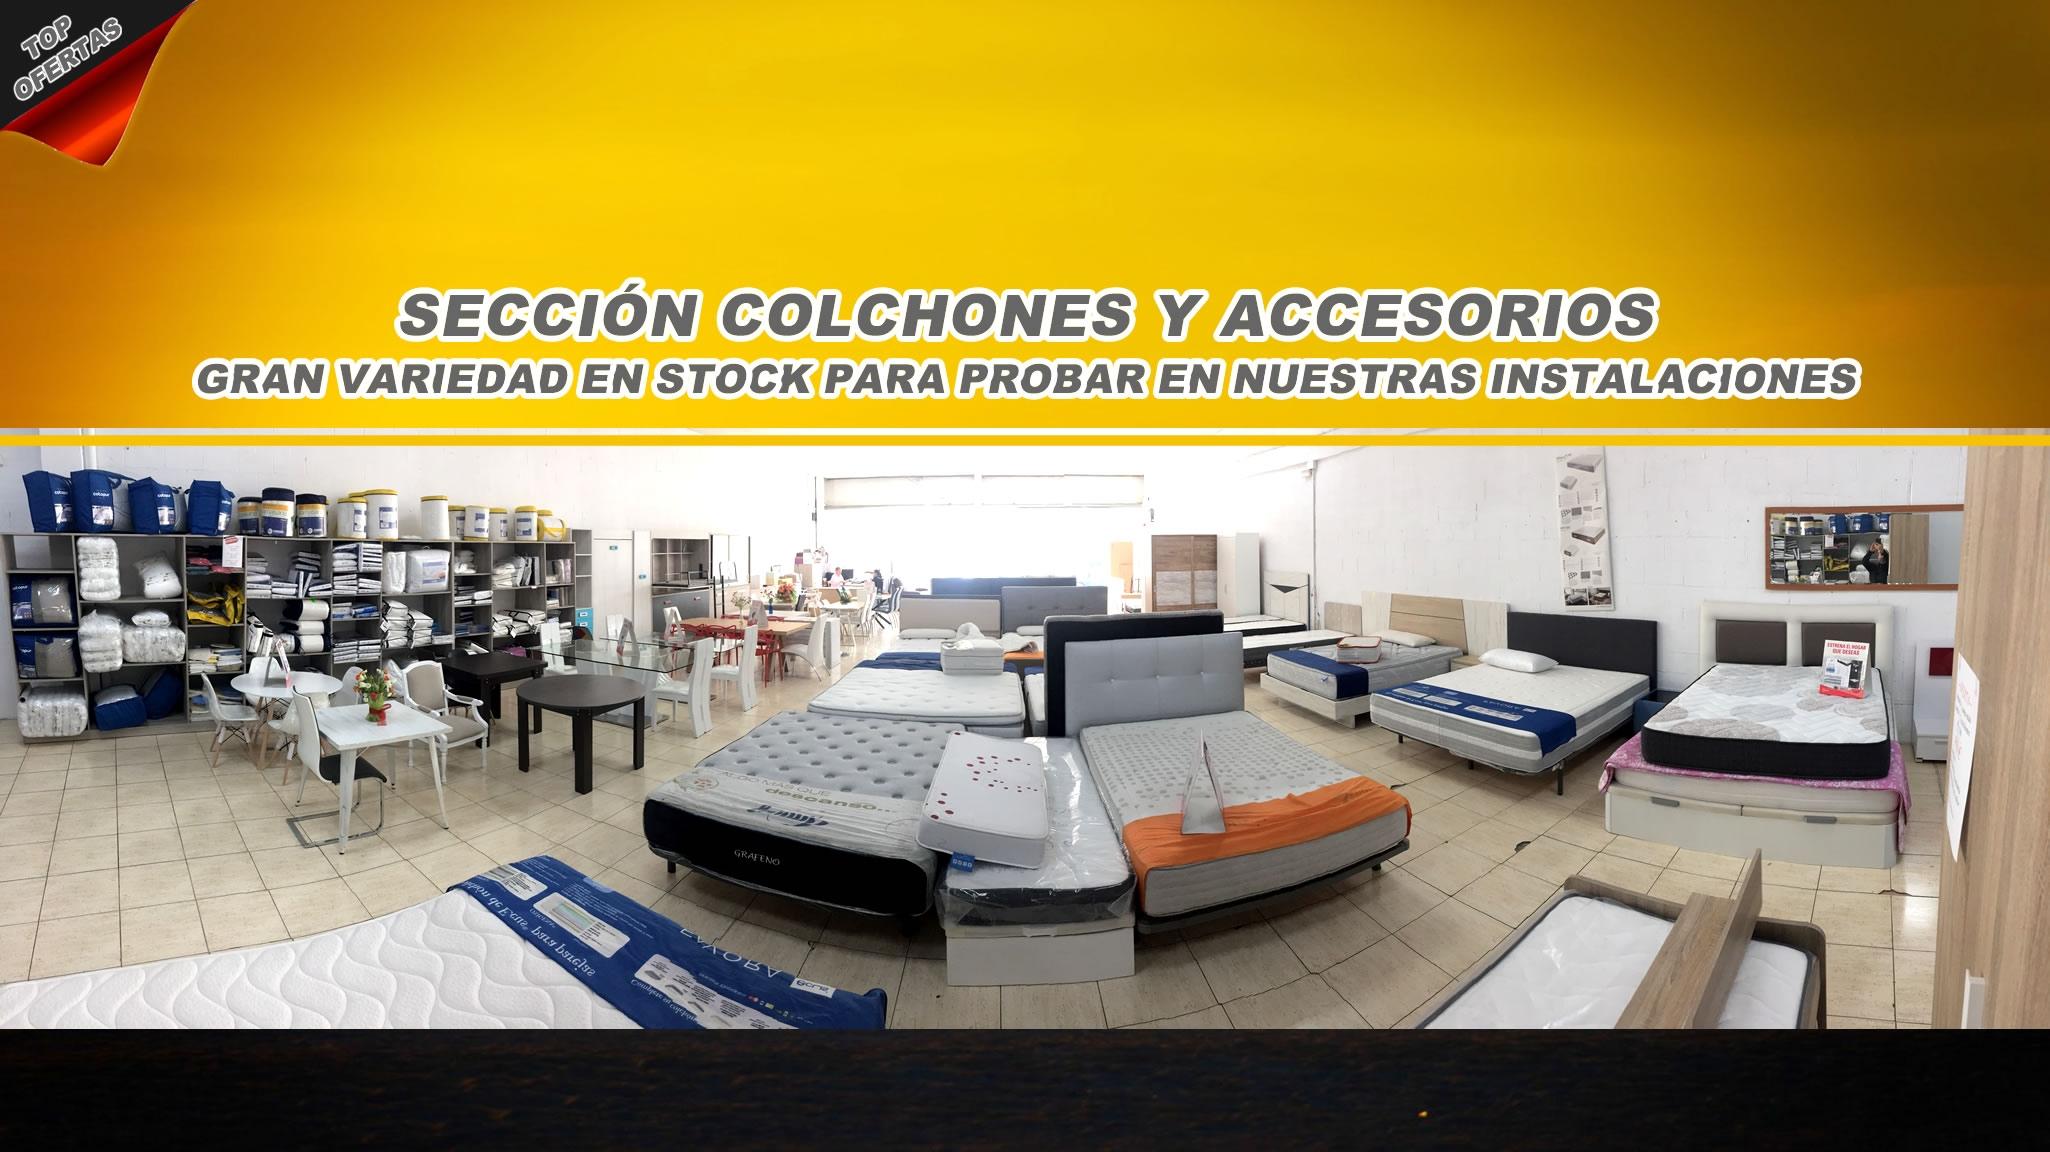 SECCION COLCHONES Y SOFAS